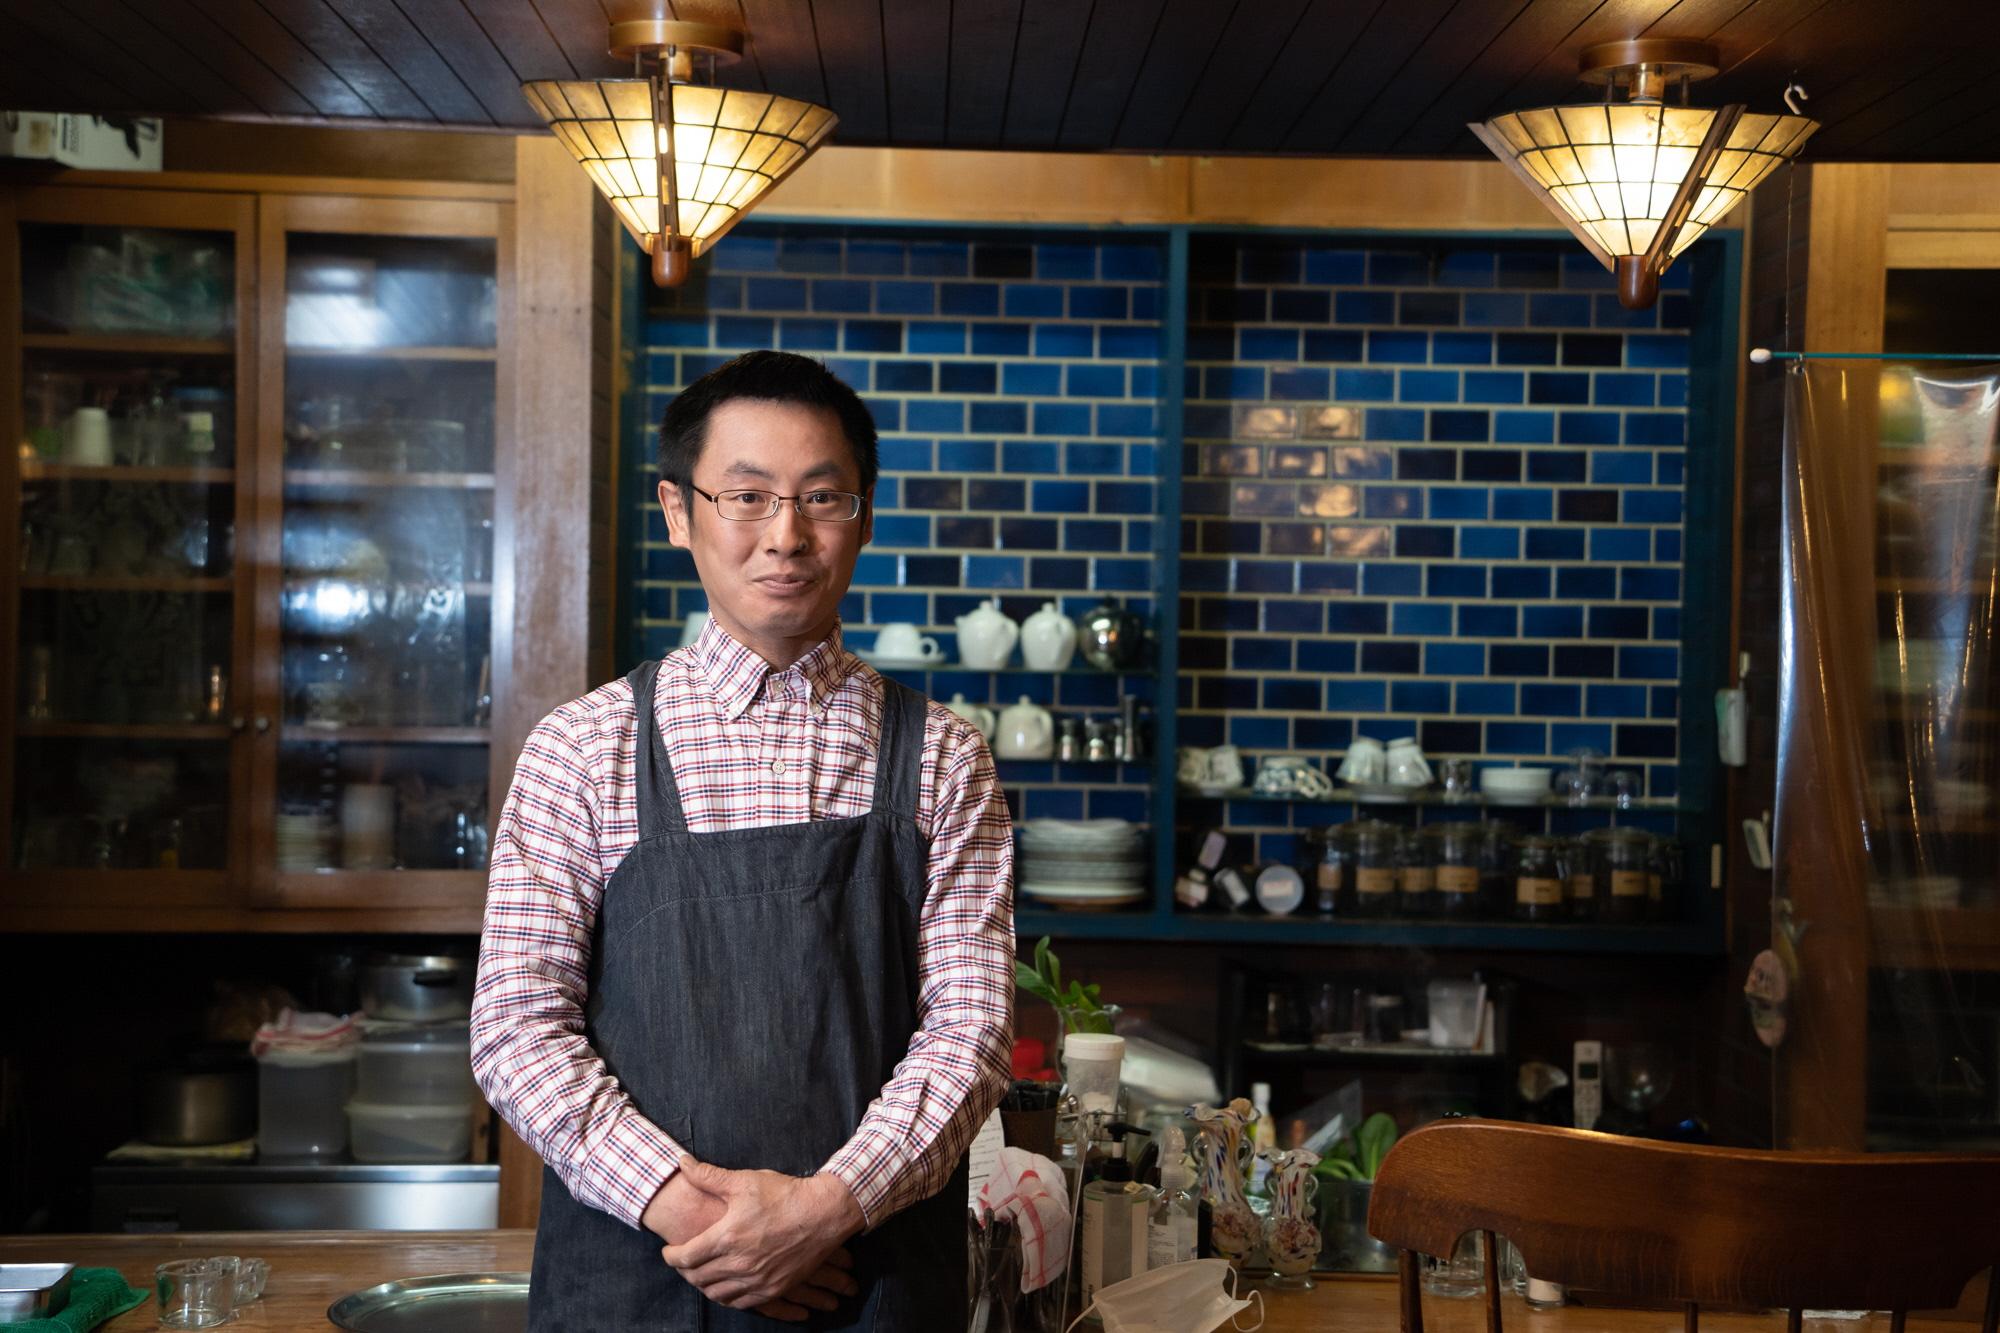 2代目店主の瀬川和駿さんの画像